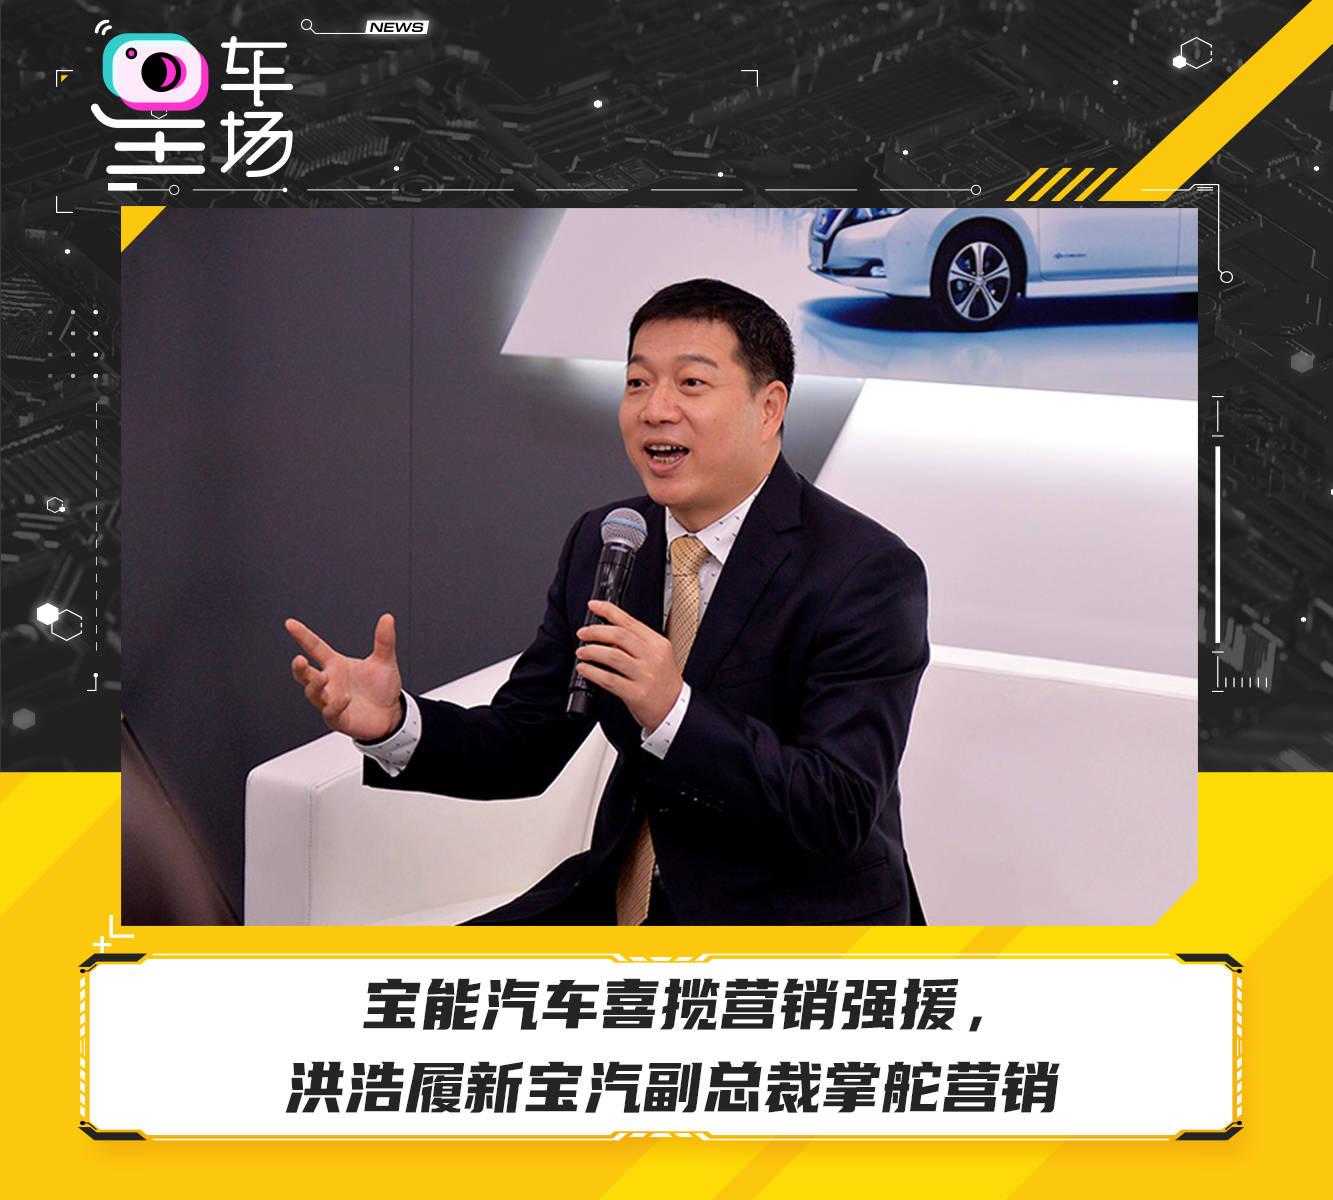 宝能汽车喜揽营销强援,洪浩履新宝汽副总裁掌舵营销1tn